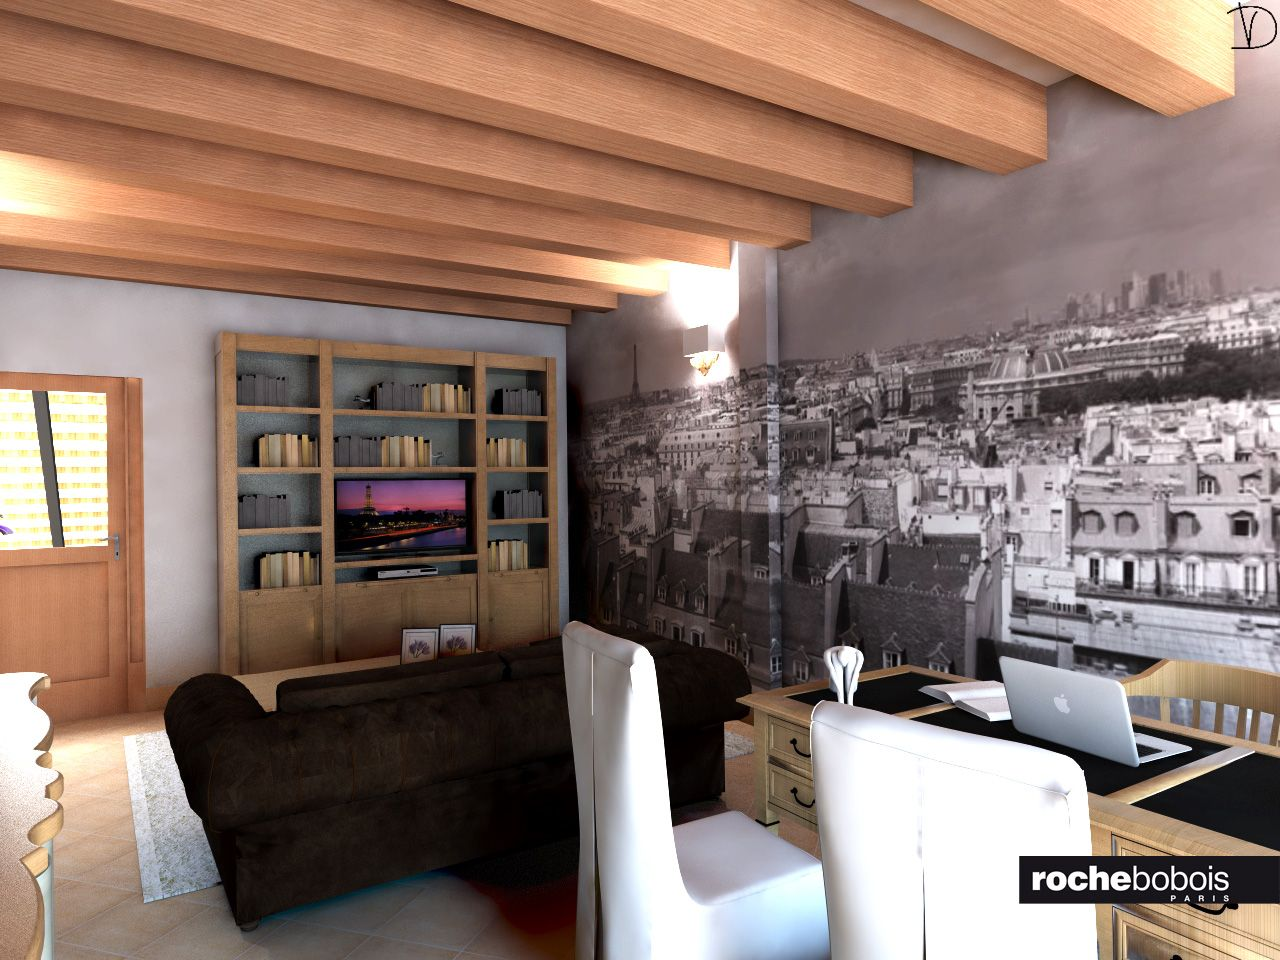 Libreria Divano ~ Zona studio conversazione divano maestro scrivania soprano